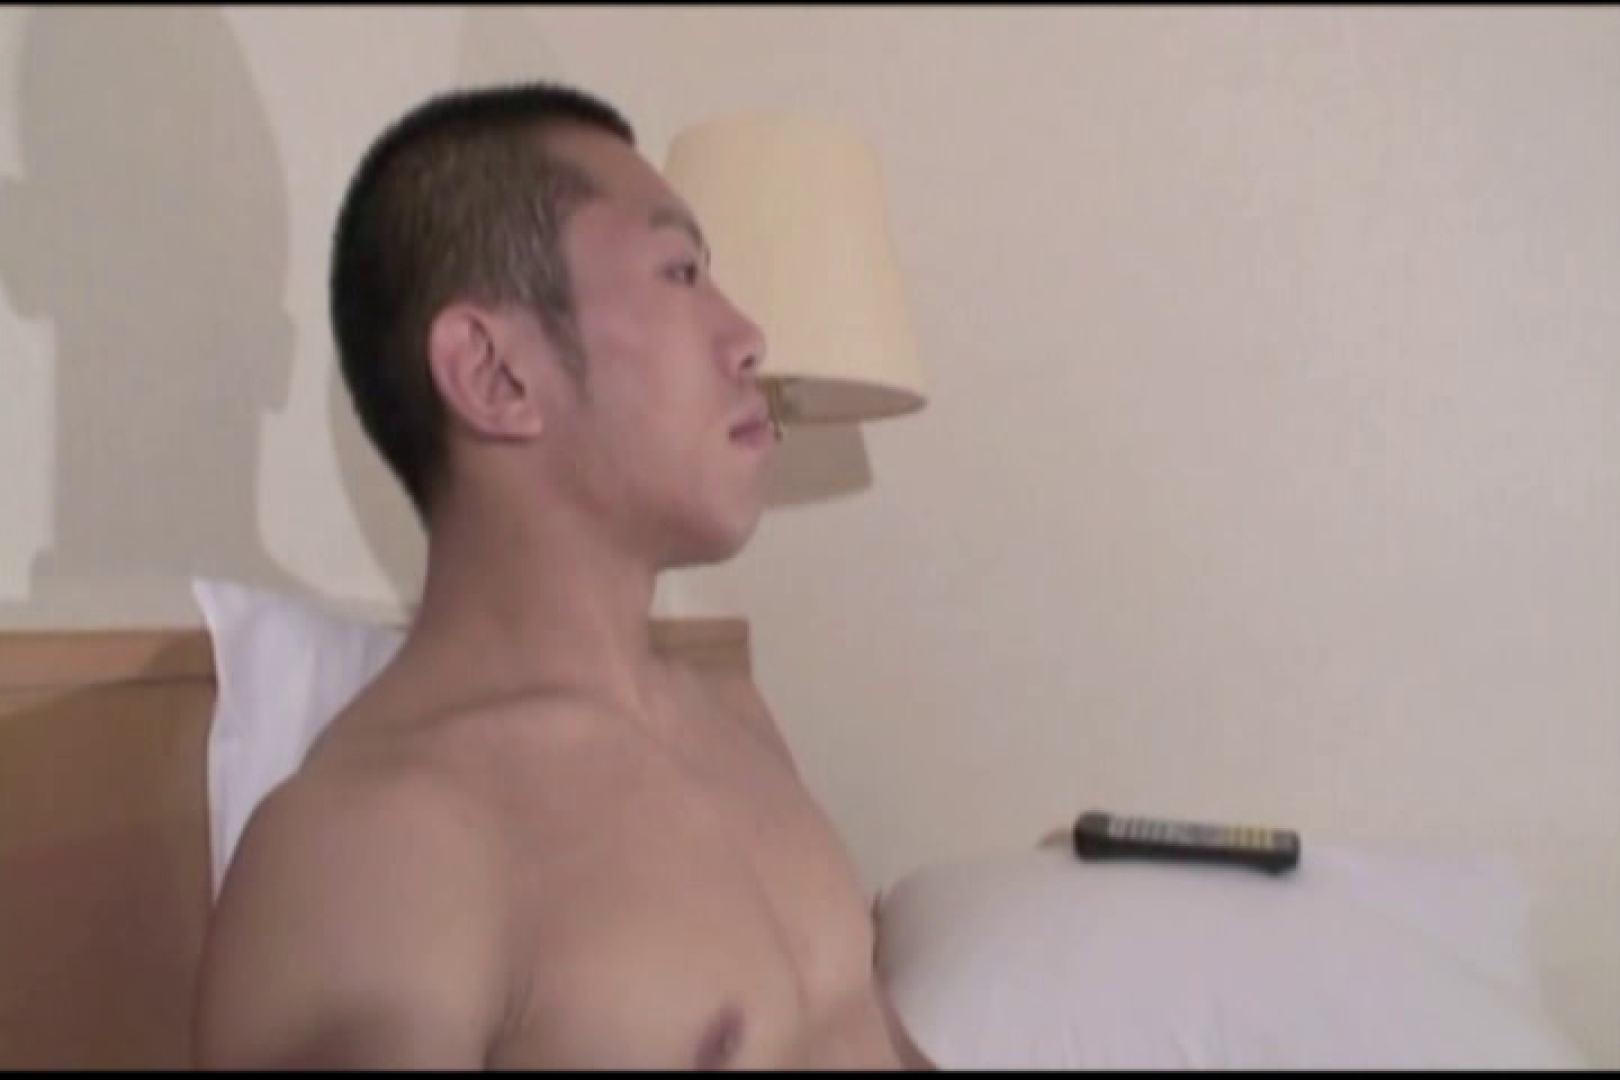 アナPさん投稿!目がパッチリなイケメンサル系男子の昇天劇。 完全無修正でお届け | イケメンのsex  107pic 46